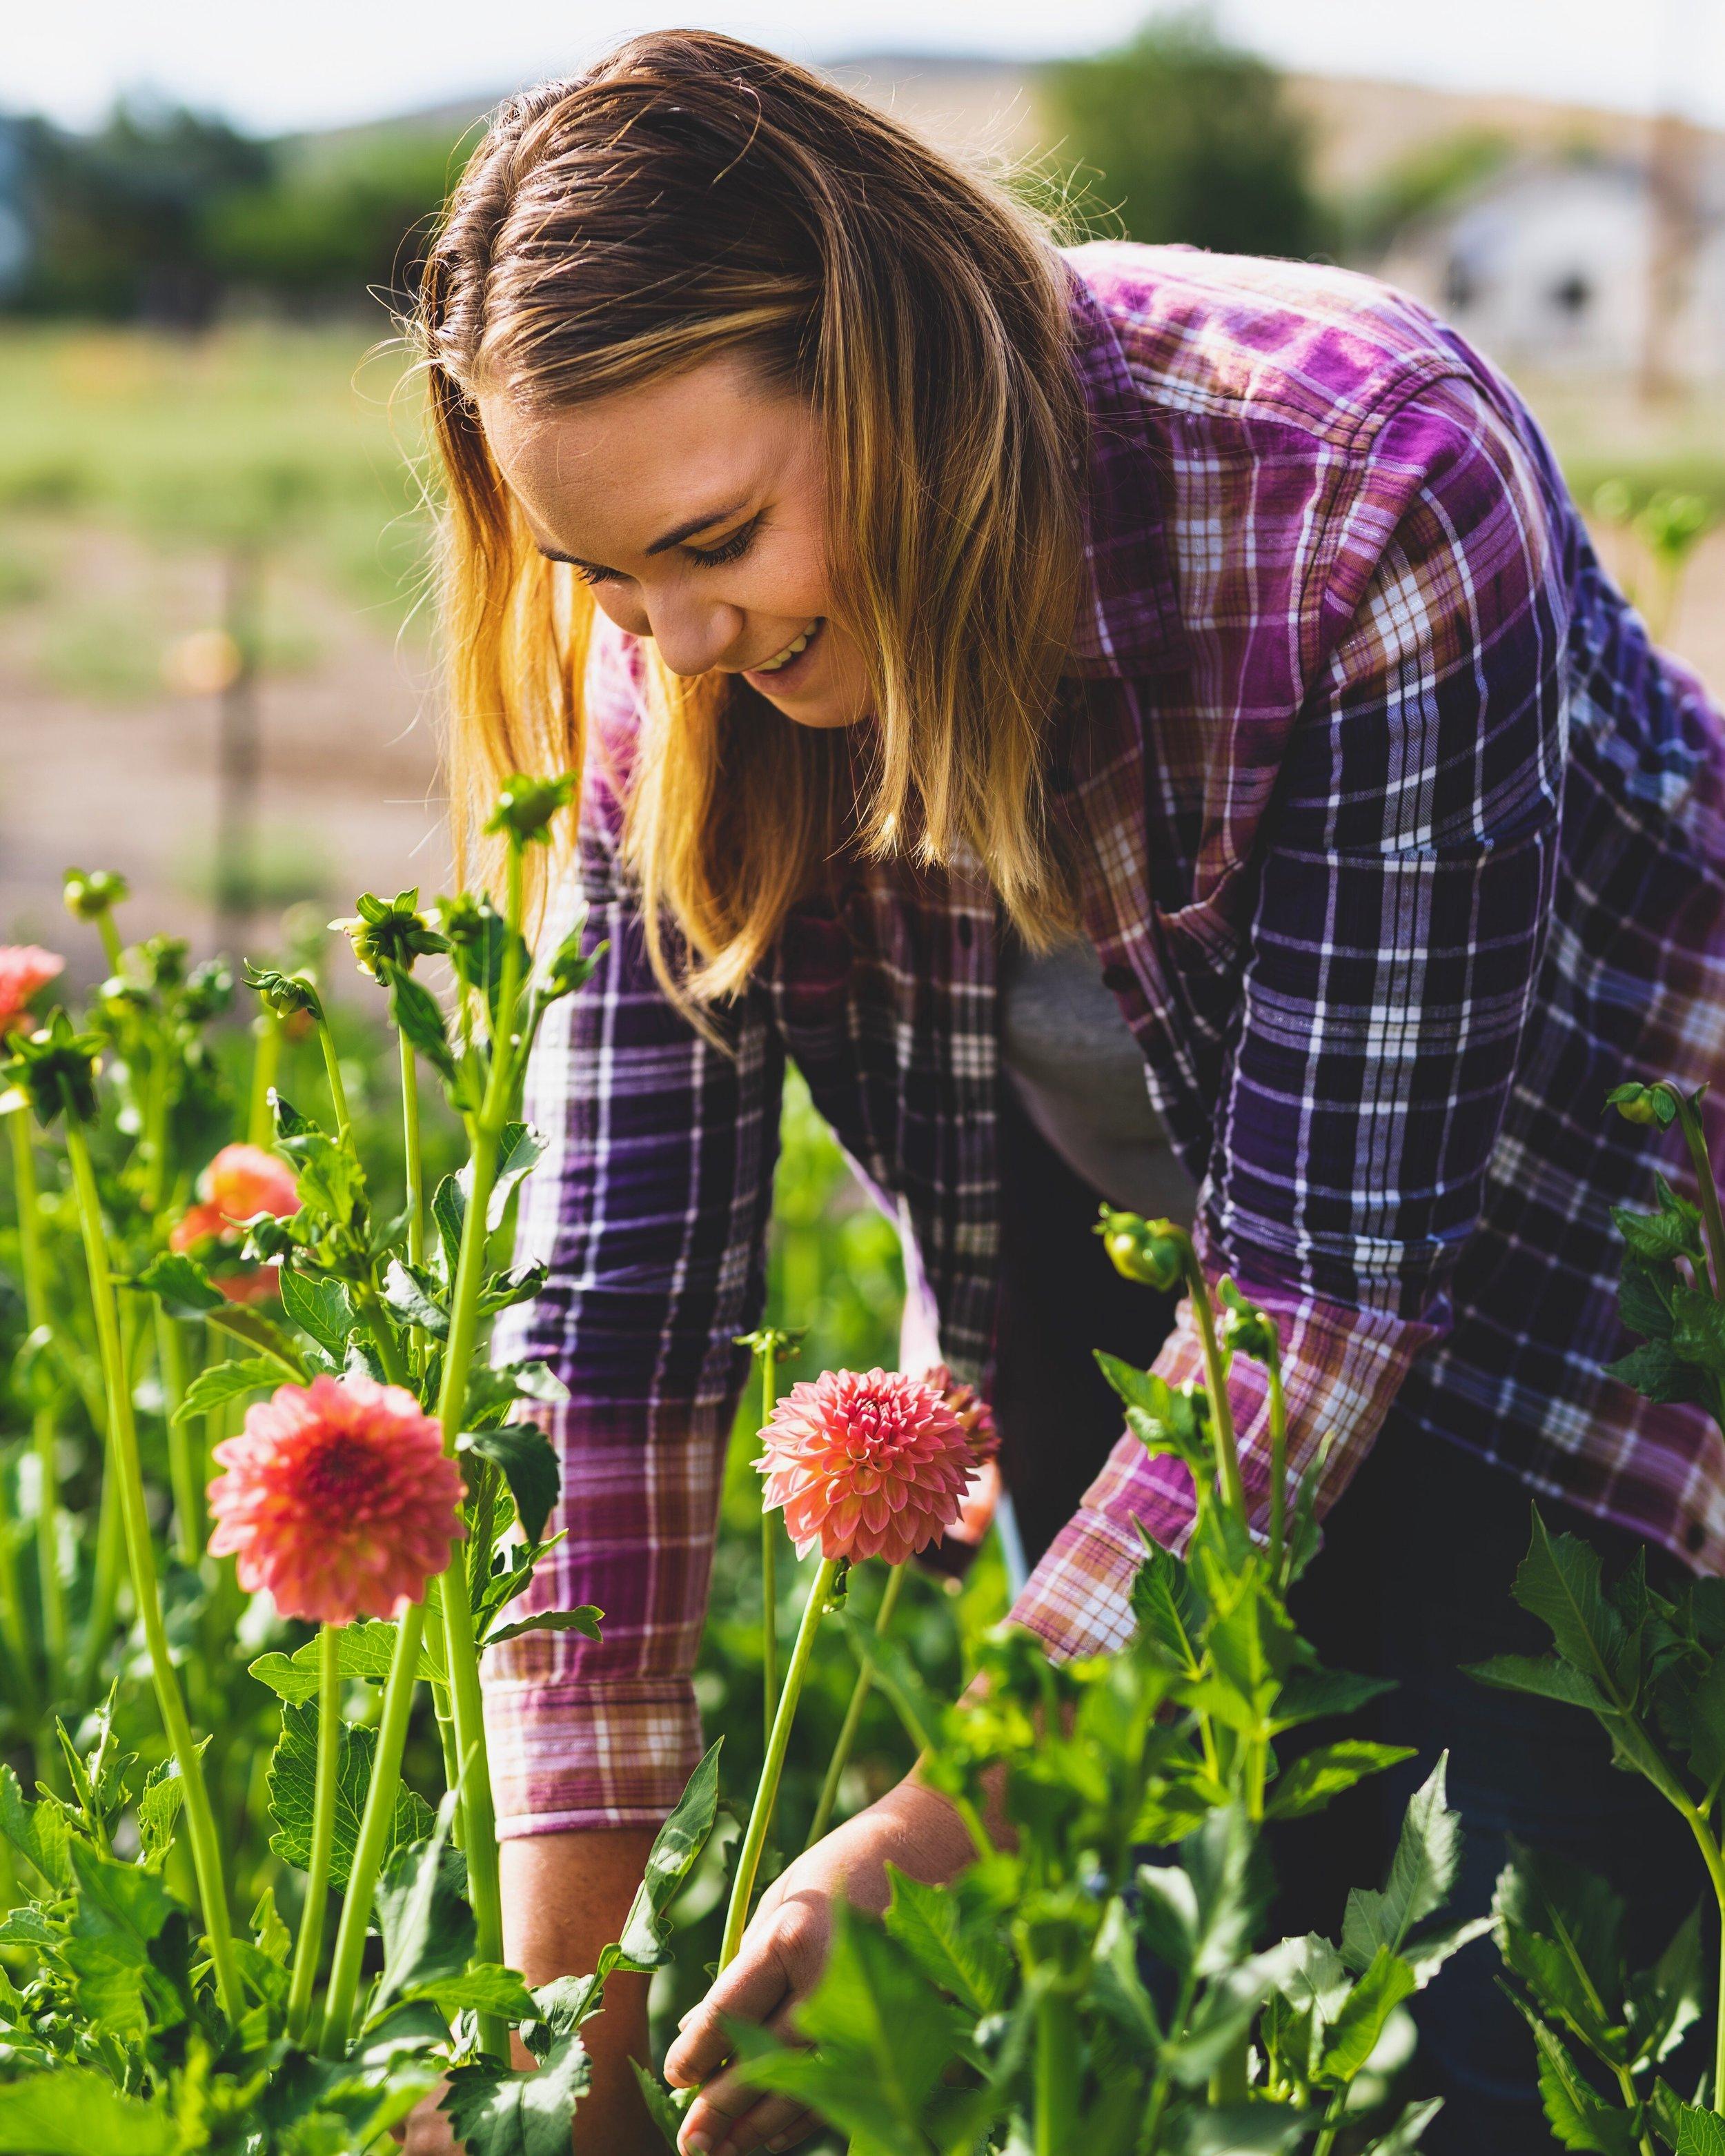 Jess harvesting dahlias 2019.JPG